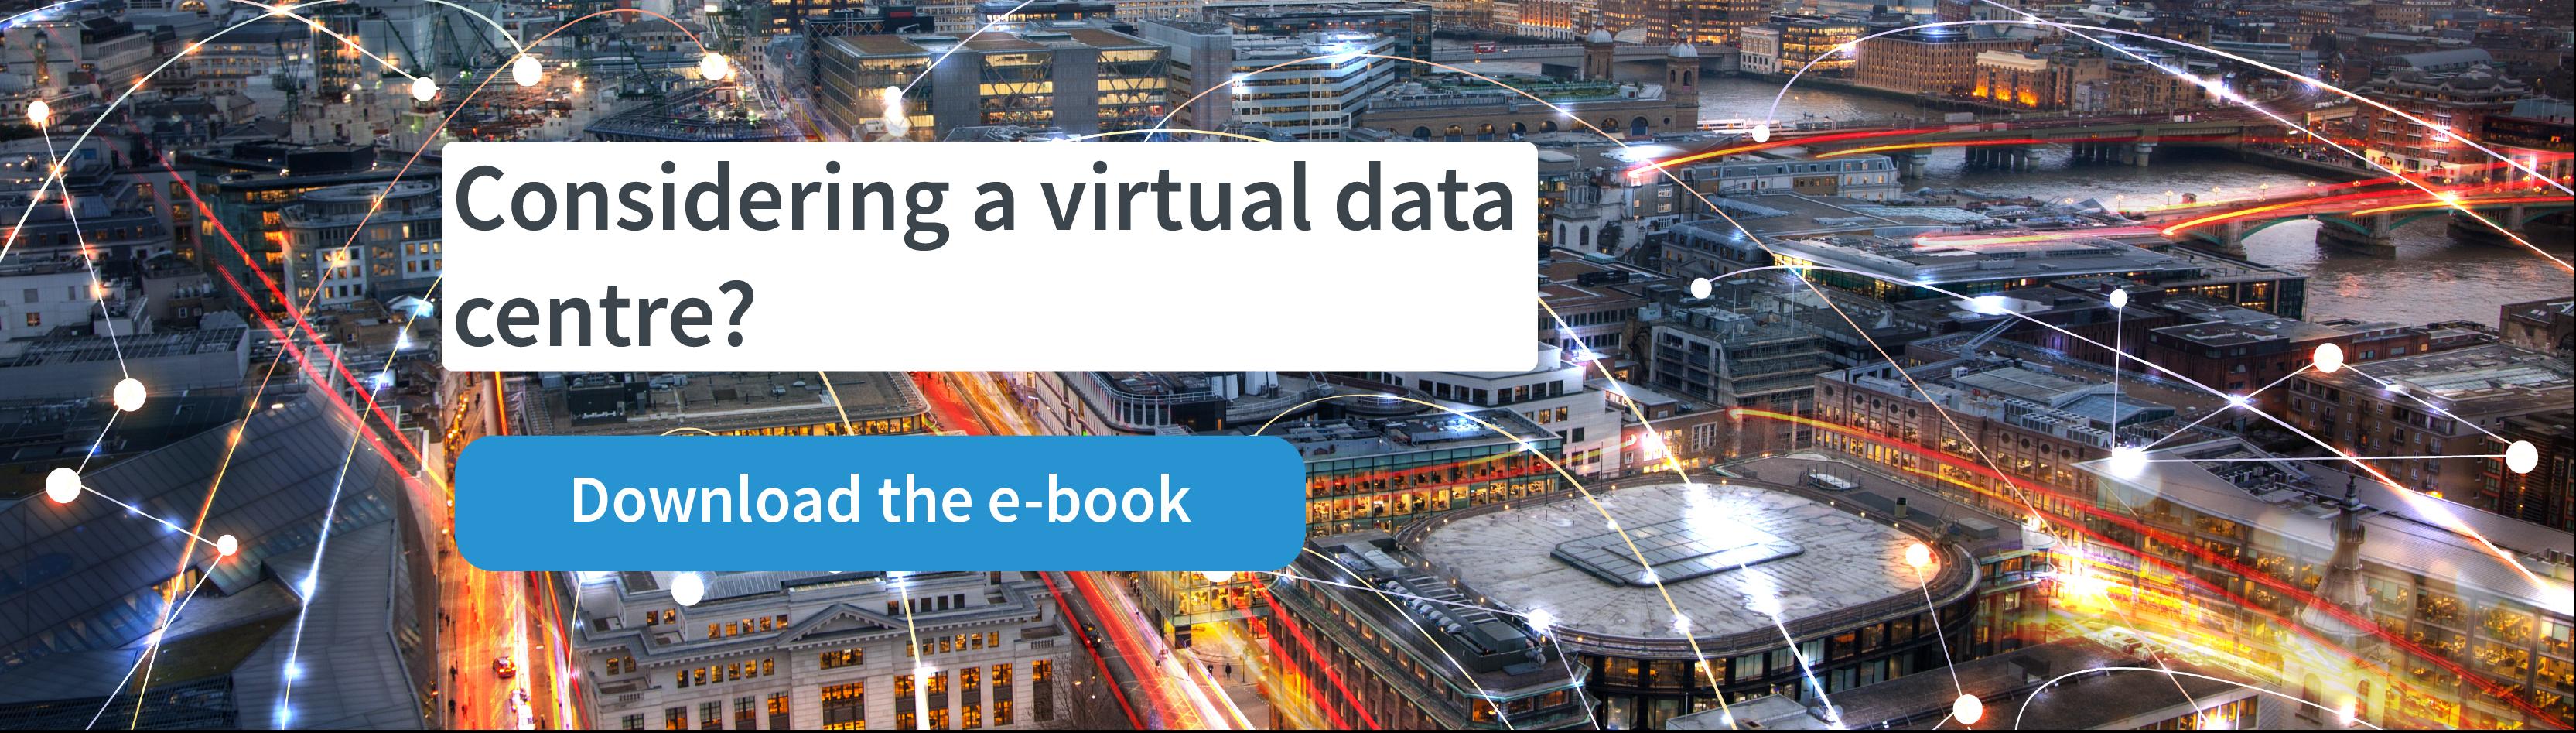 CTA to download private cloud e-book